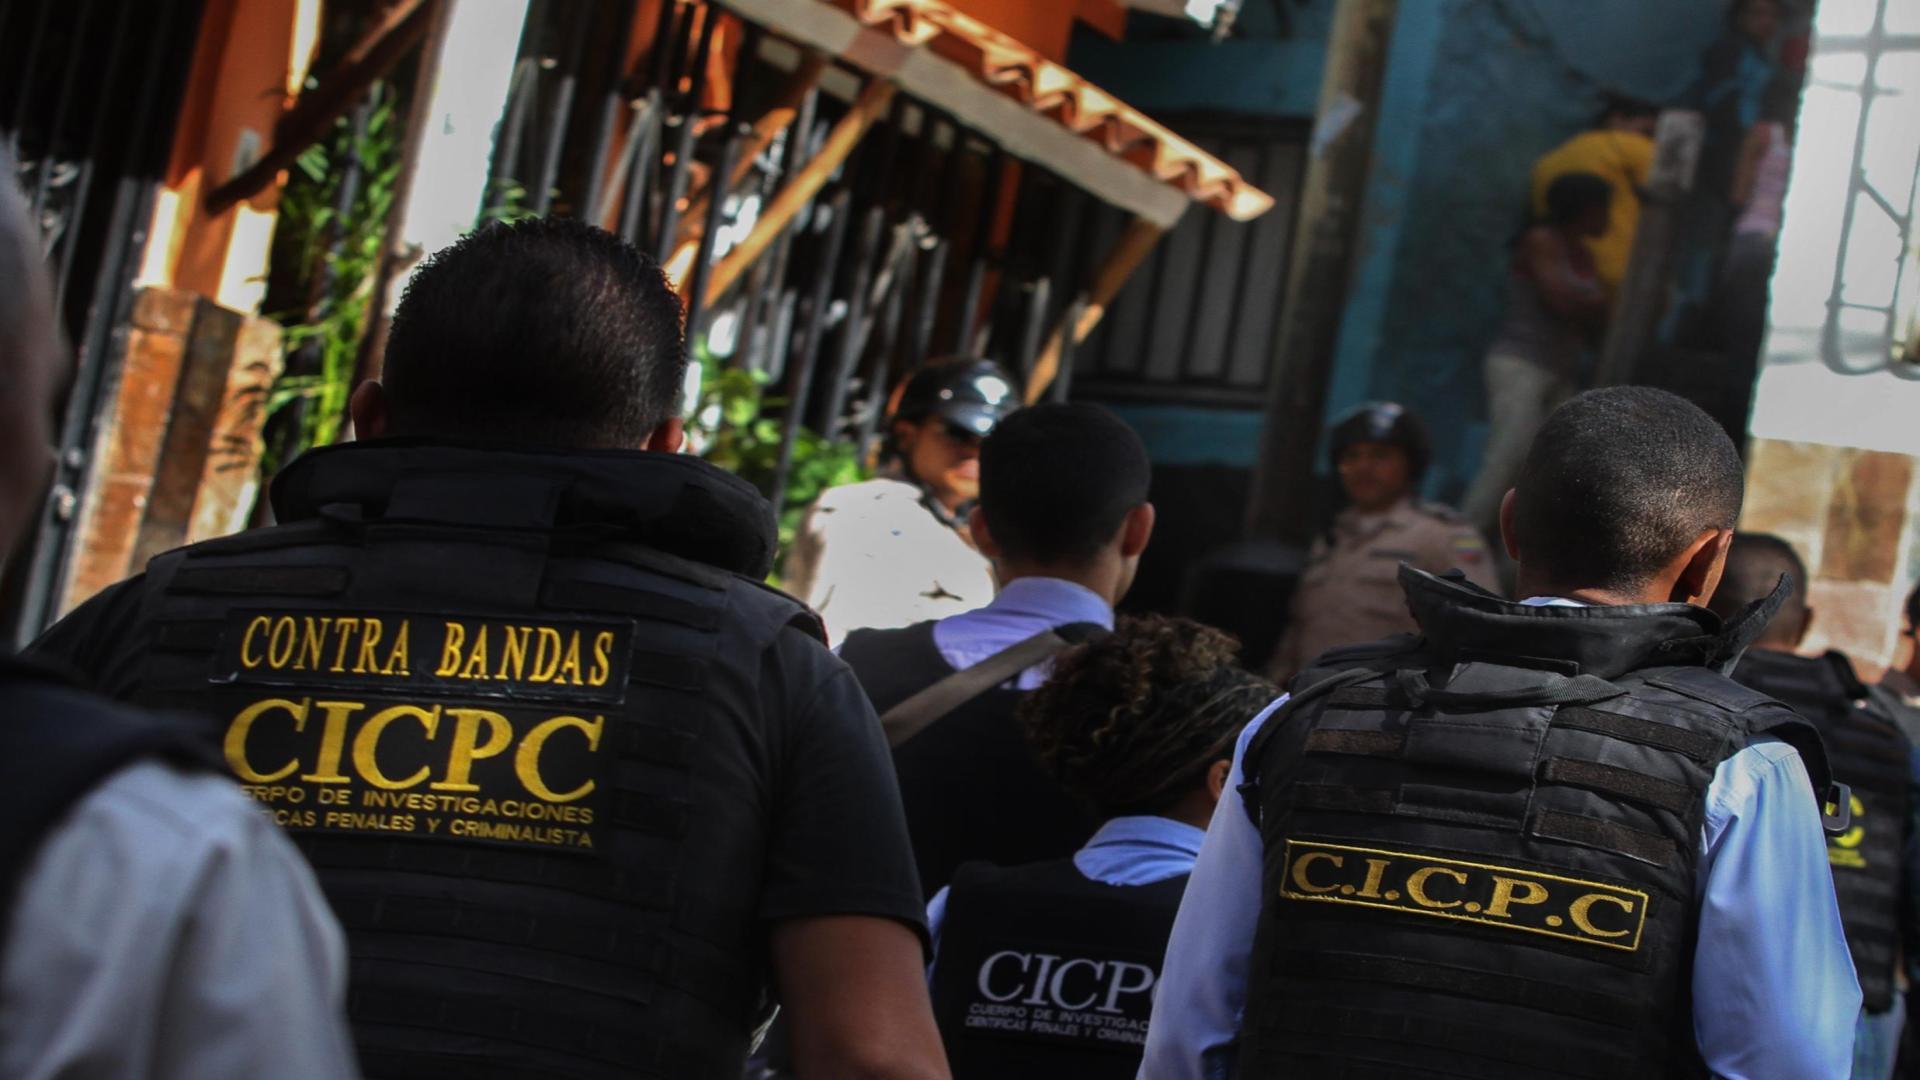 #MonitorDeVíctimas | Cicpc mató a presunto integrante de banda de secuestradores en Petare